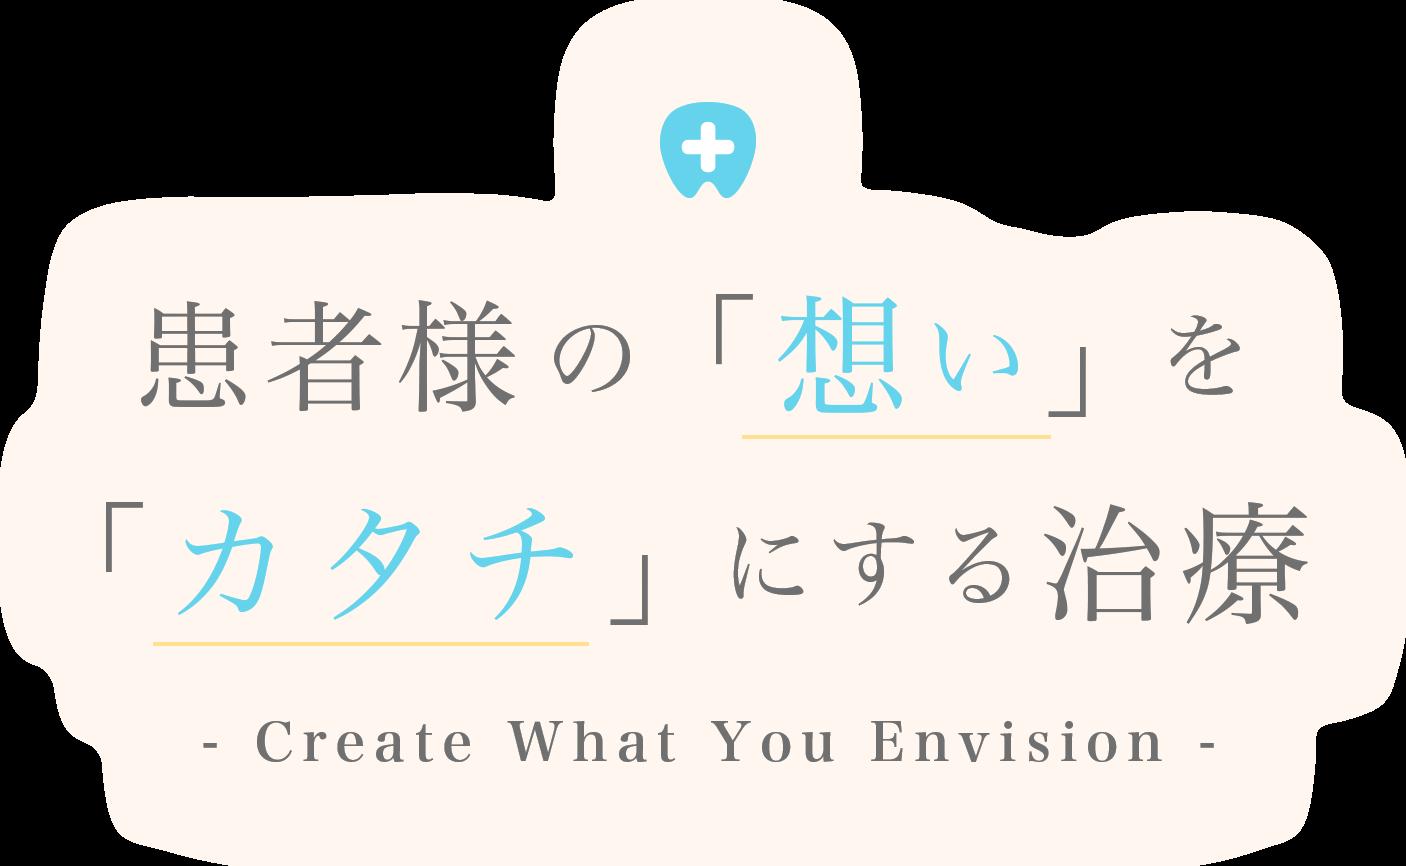 患者様の「想い」を 「カタチ」にする治療 - Create What You Envision -